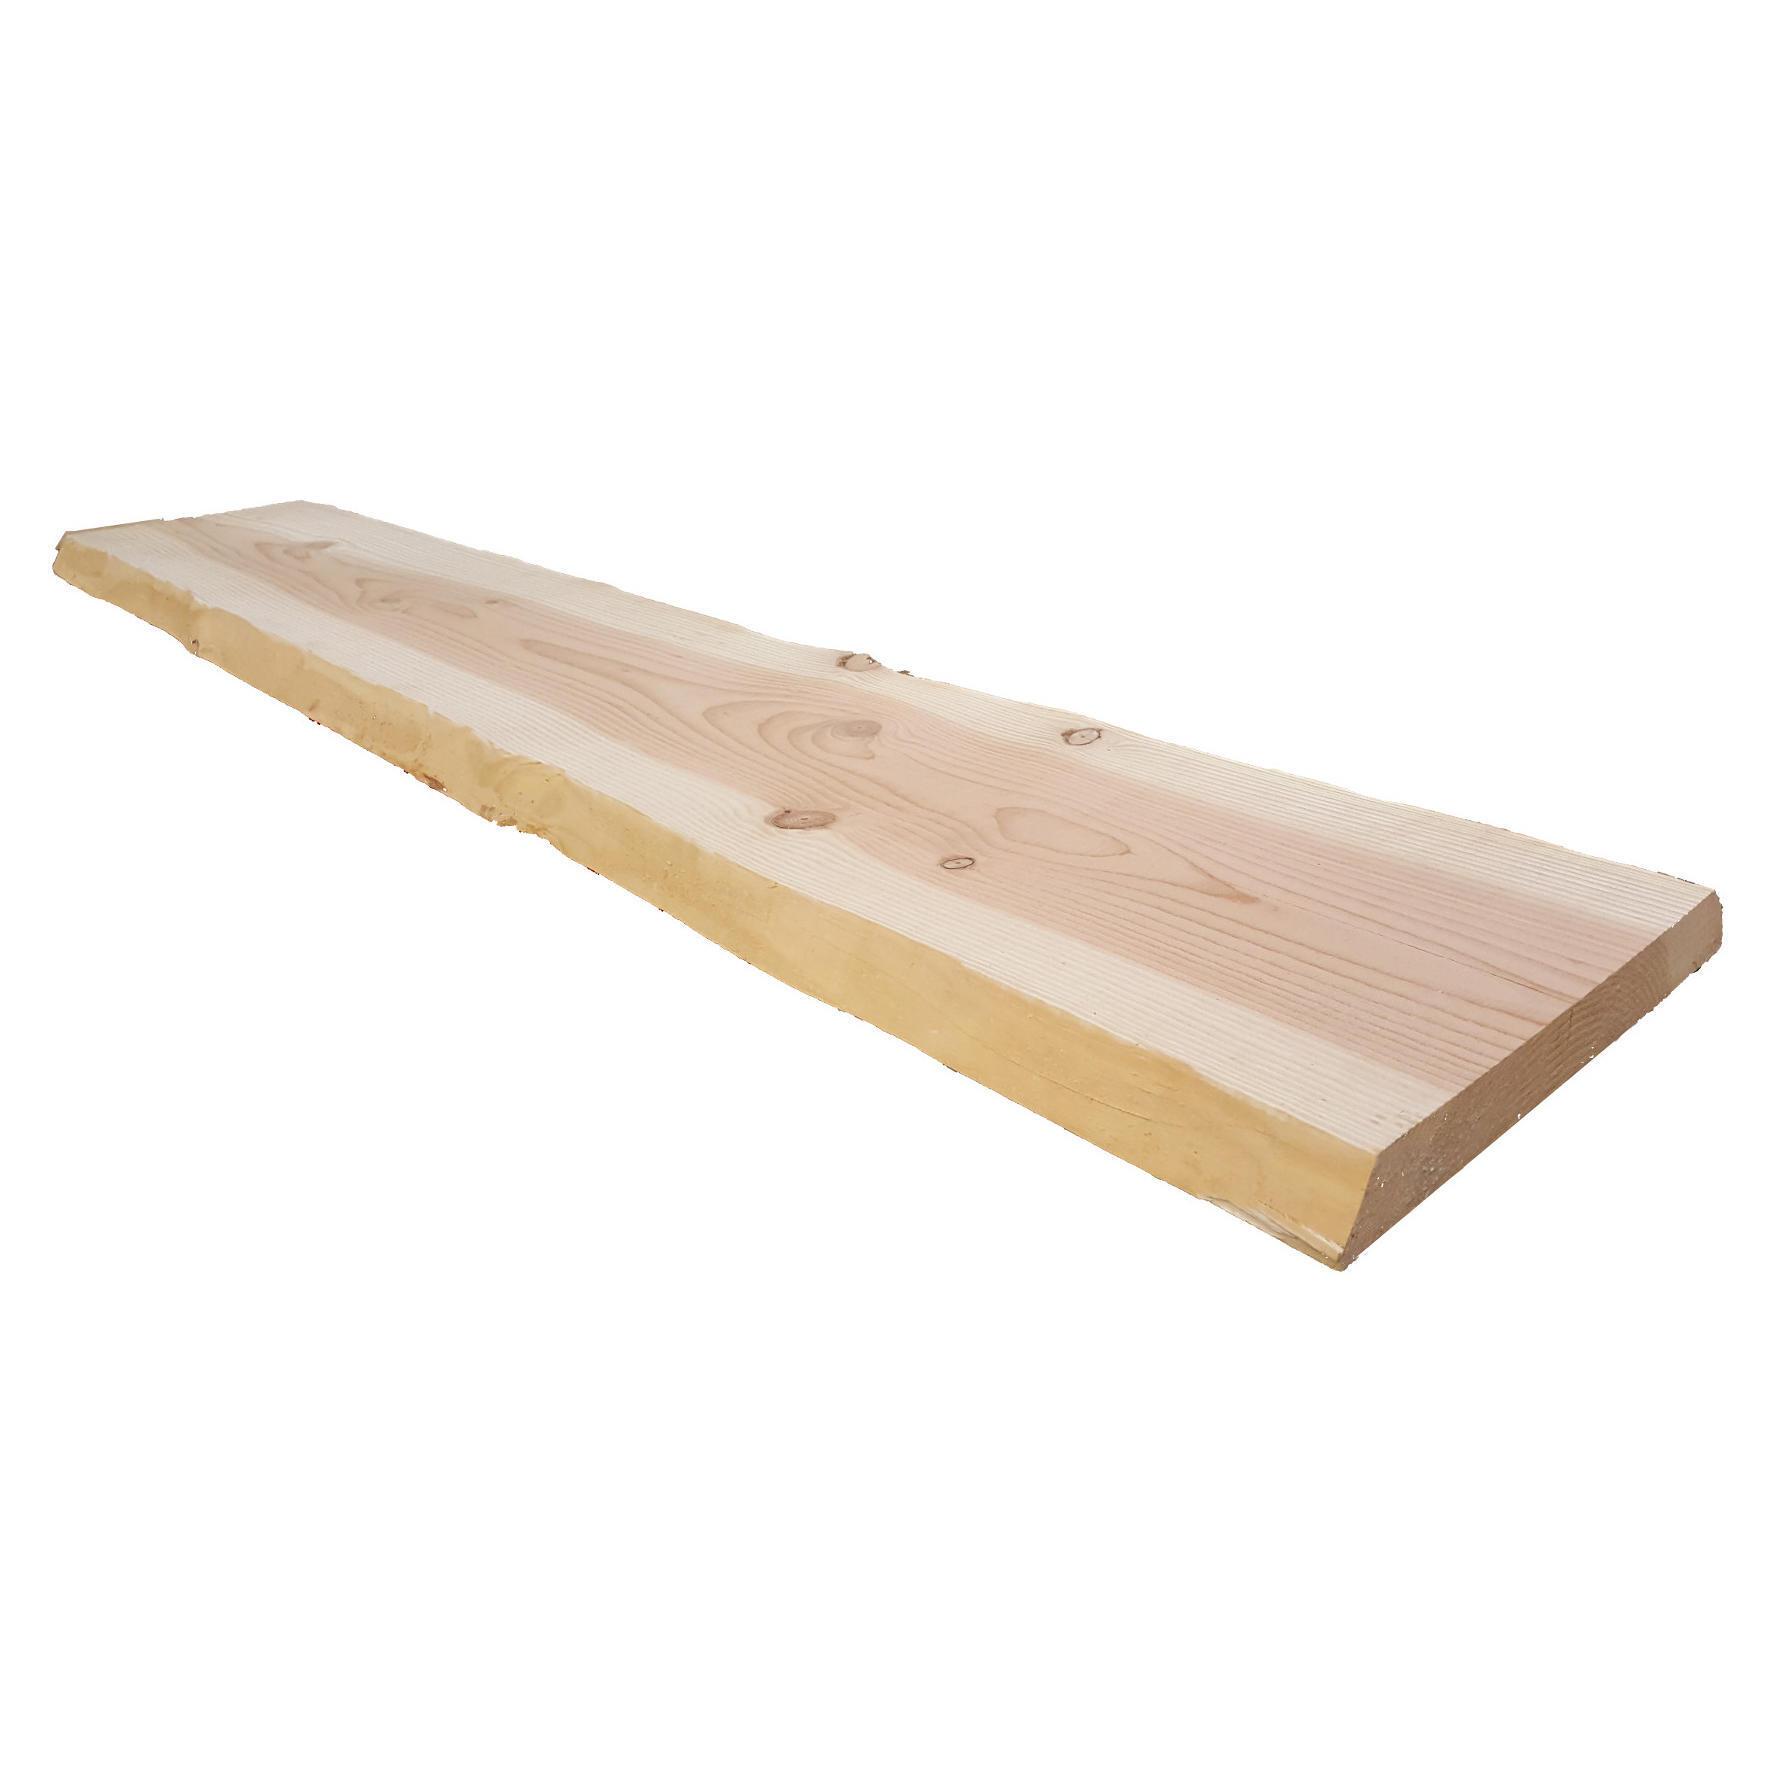 Tavola Legno massello pino douglas 200 x 50 cm Sp 70 mm - 1